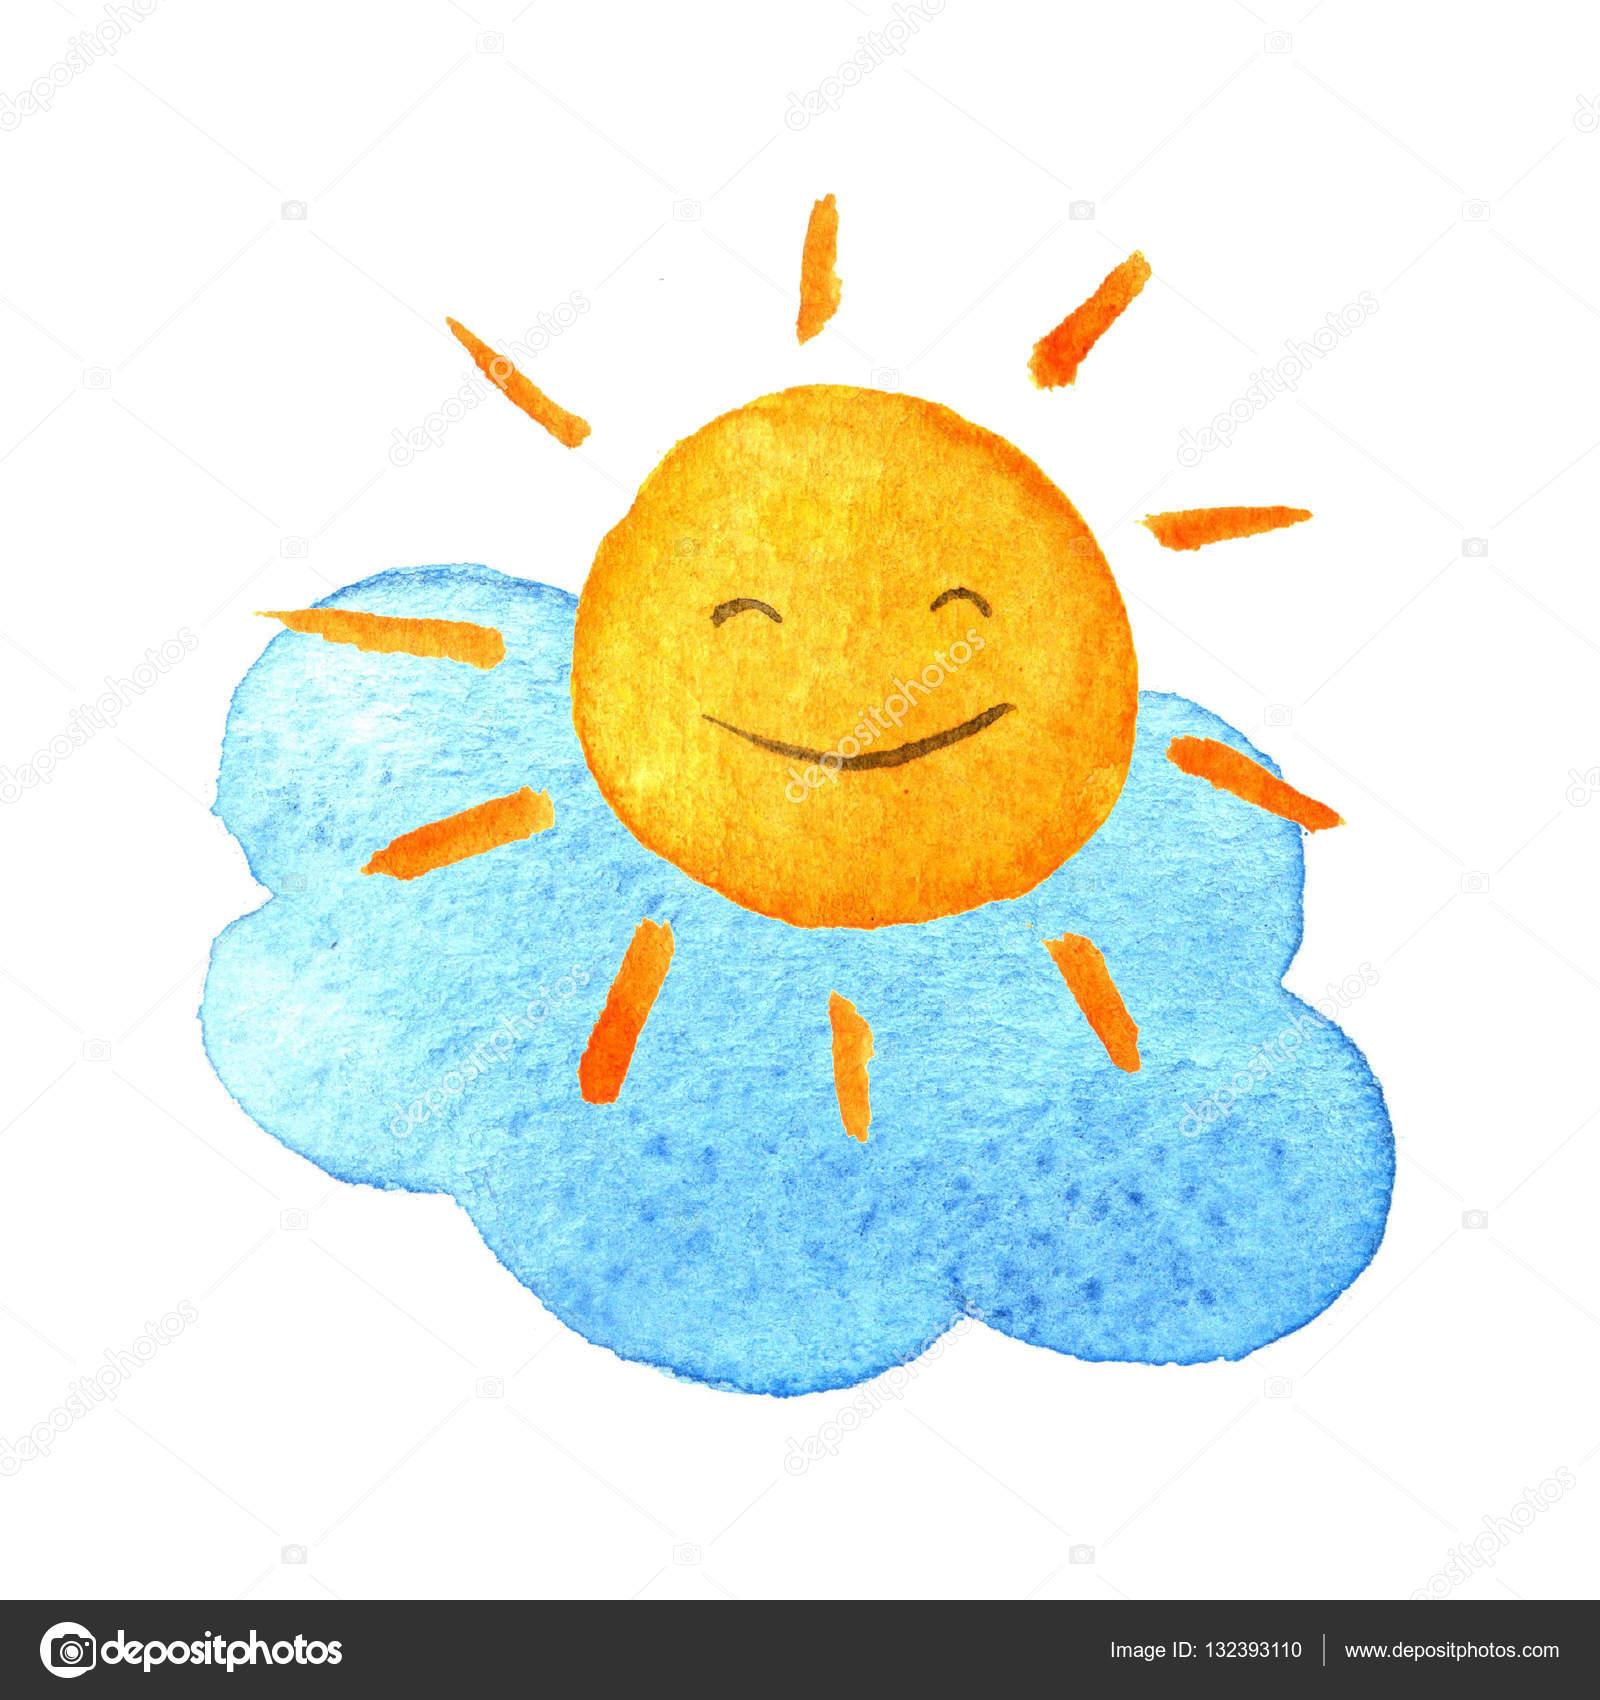 Sevimli çizgi Bulut Ve Gün ışığı El Sulu Boya Resimde Gülümseyen